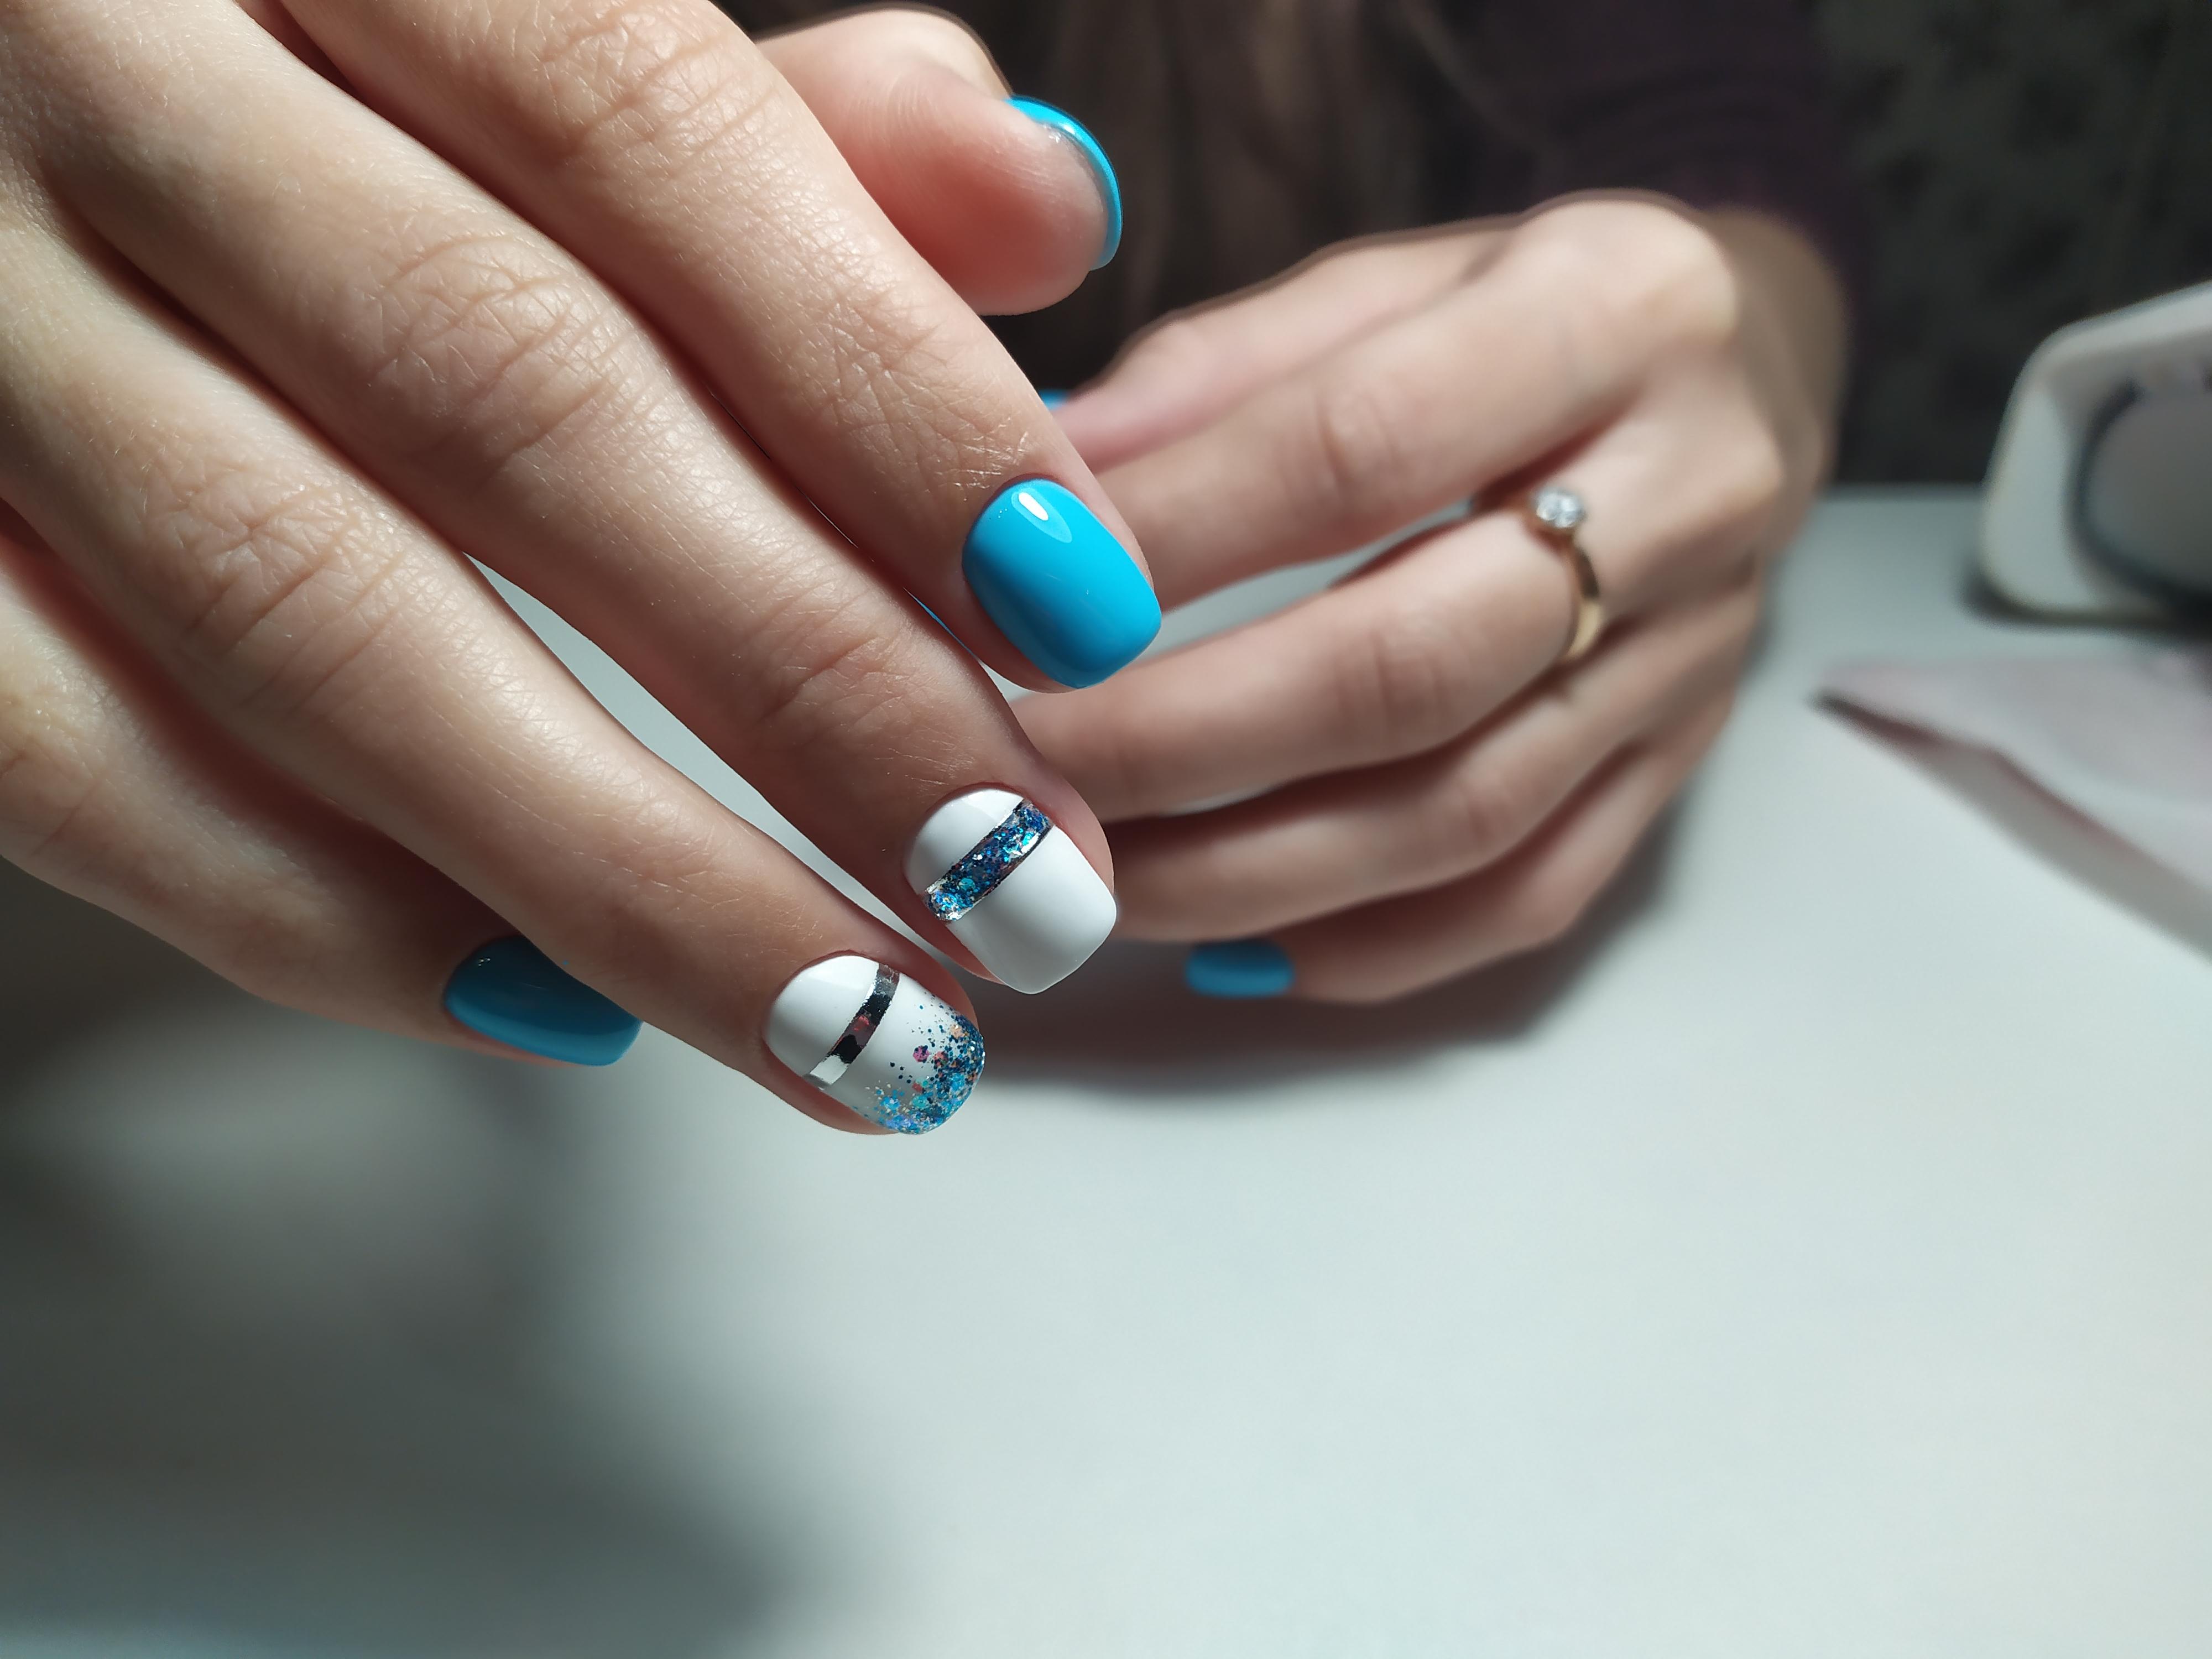 Маникюр с блестками и серебряными полосками в голубом цвете.